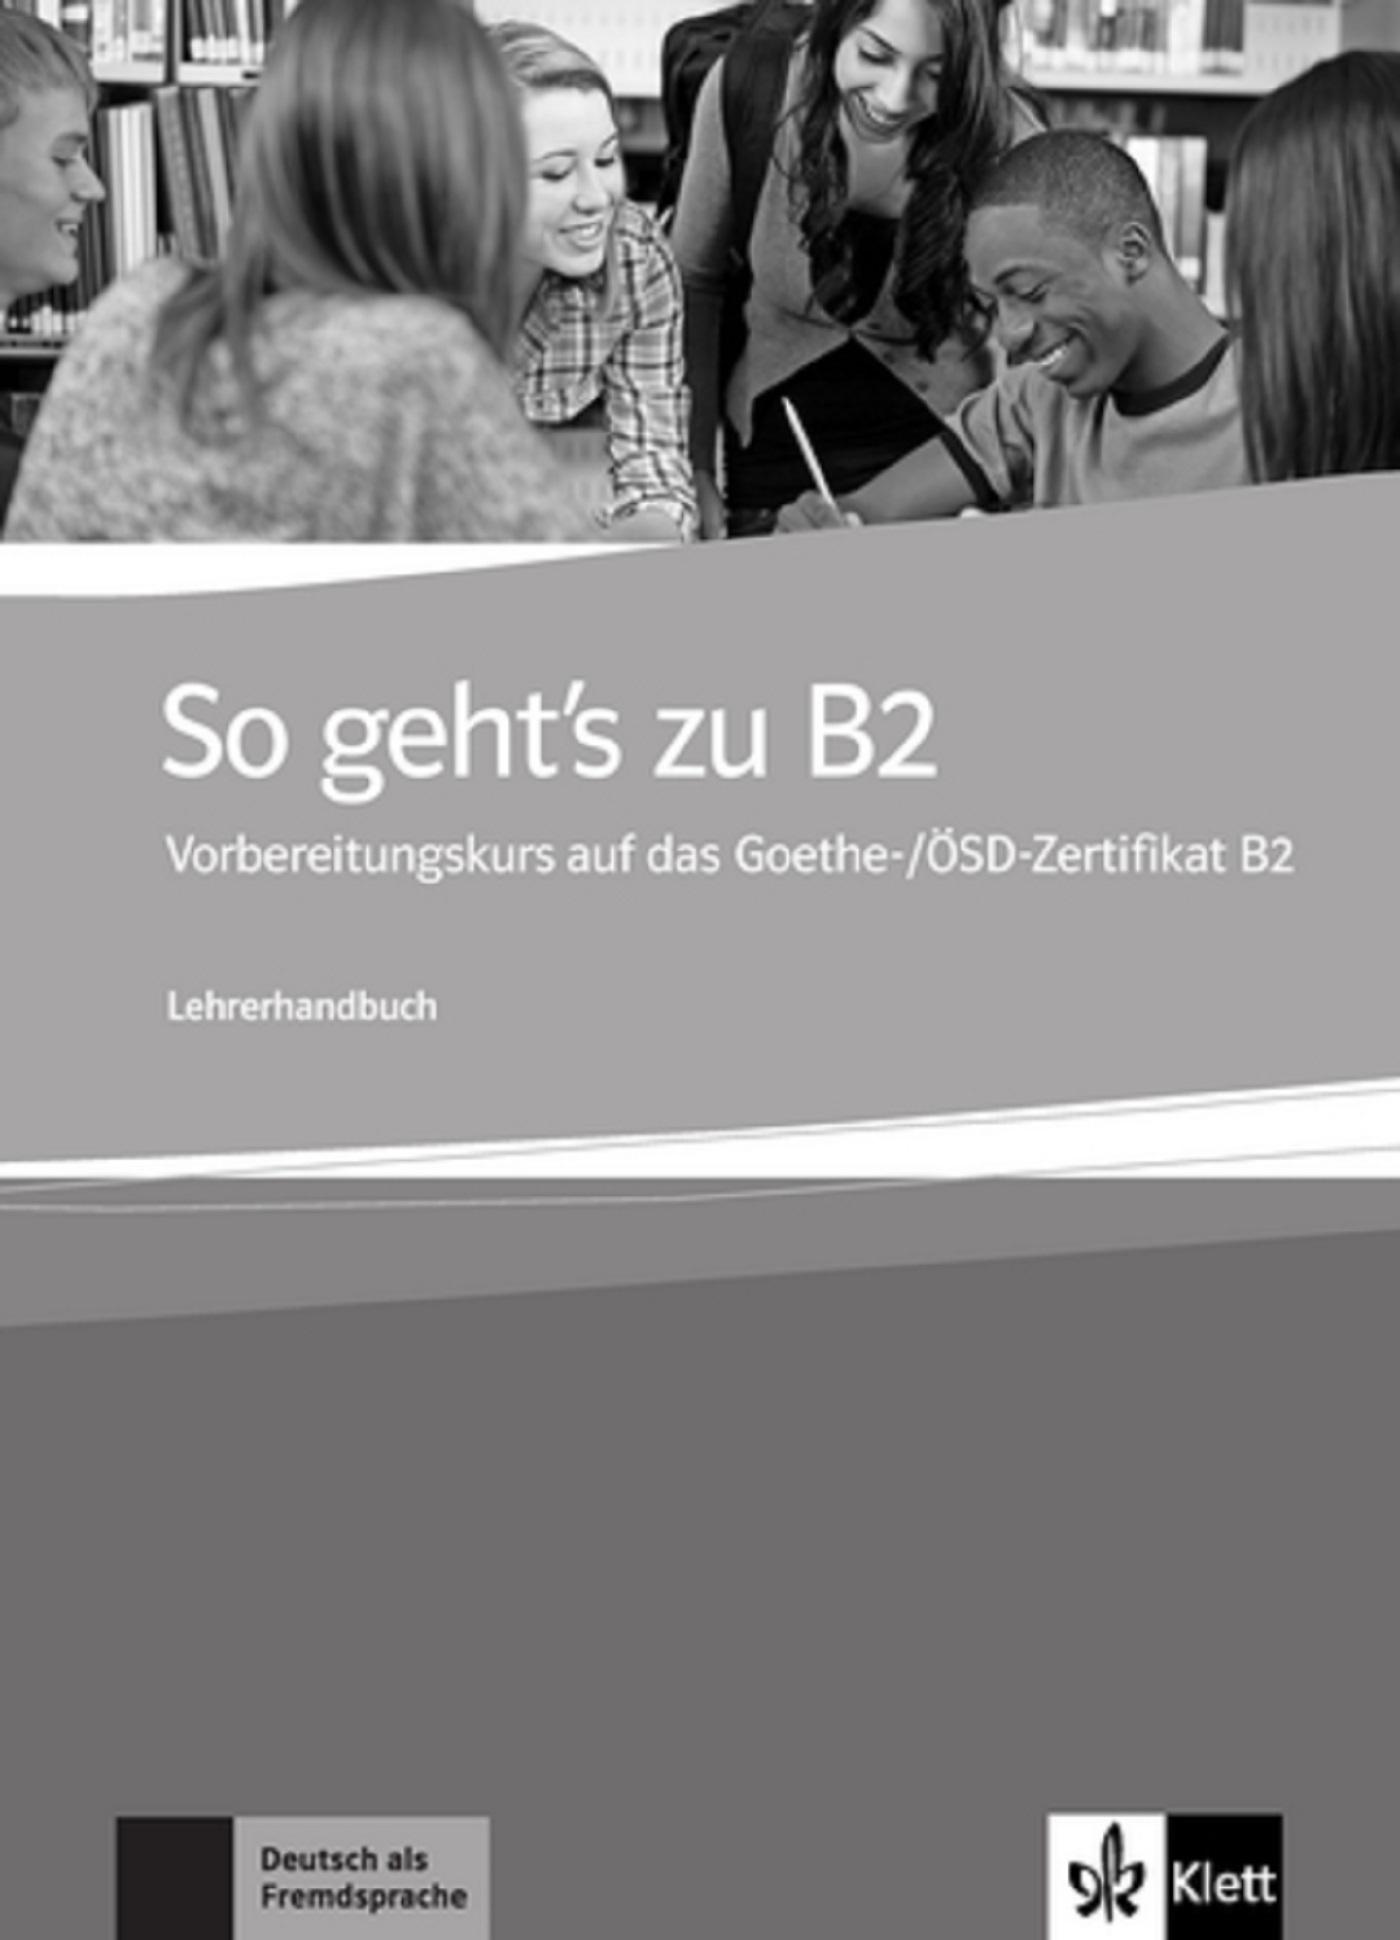 SO GEHT'S ZU B2 - LIVRE DU PROFESSEUR